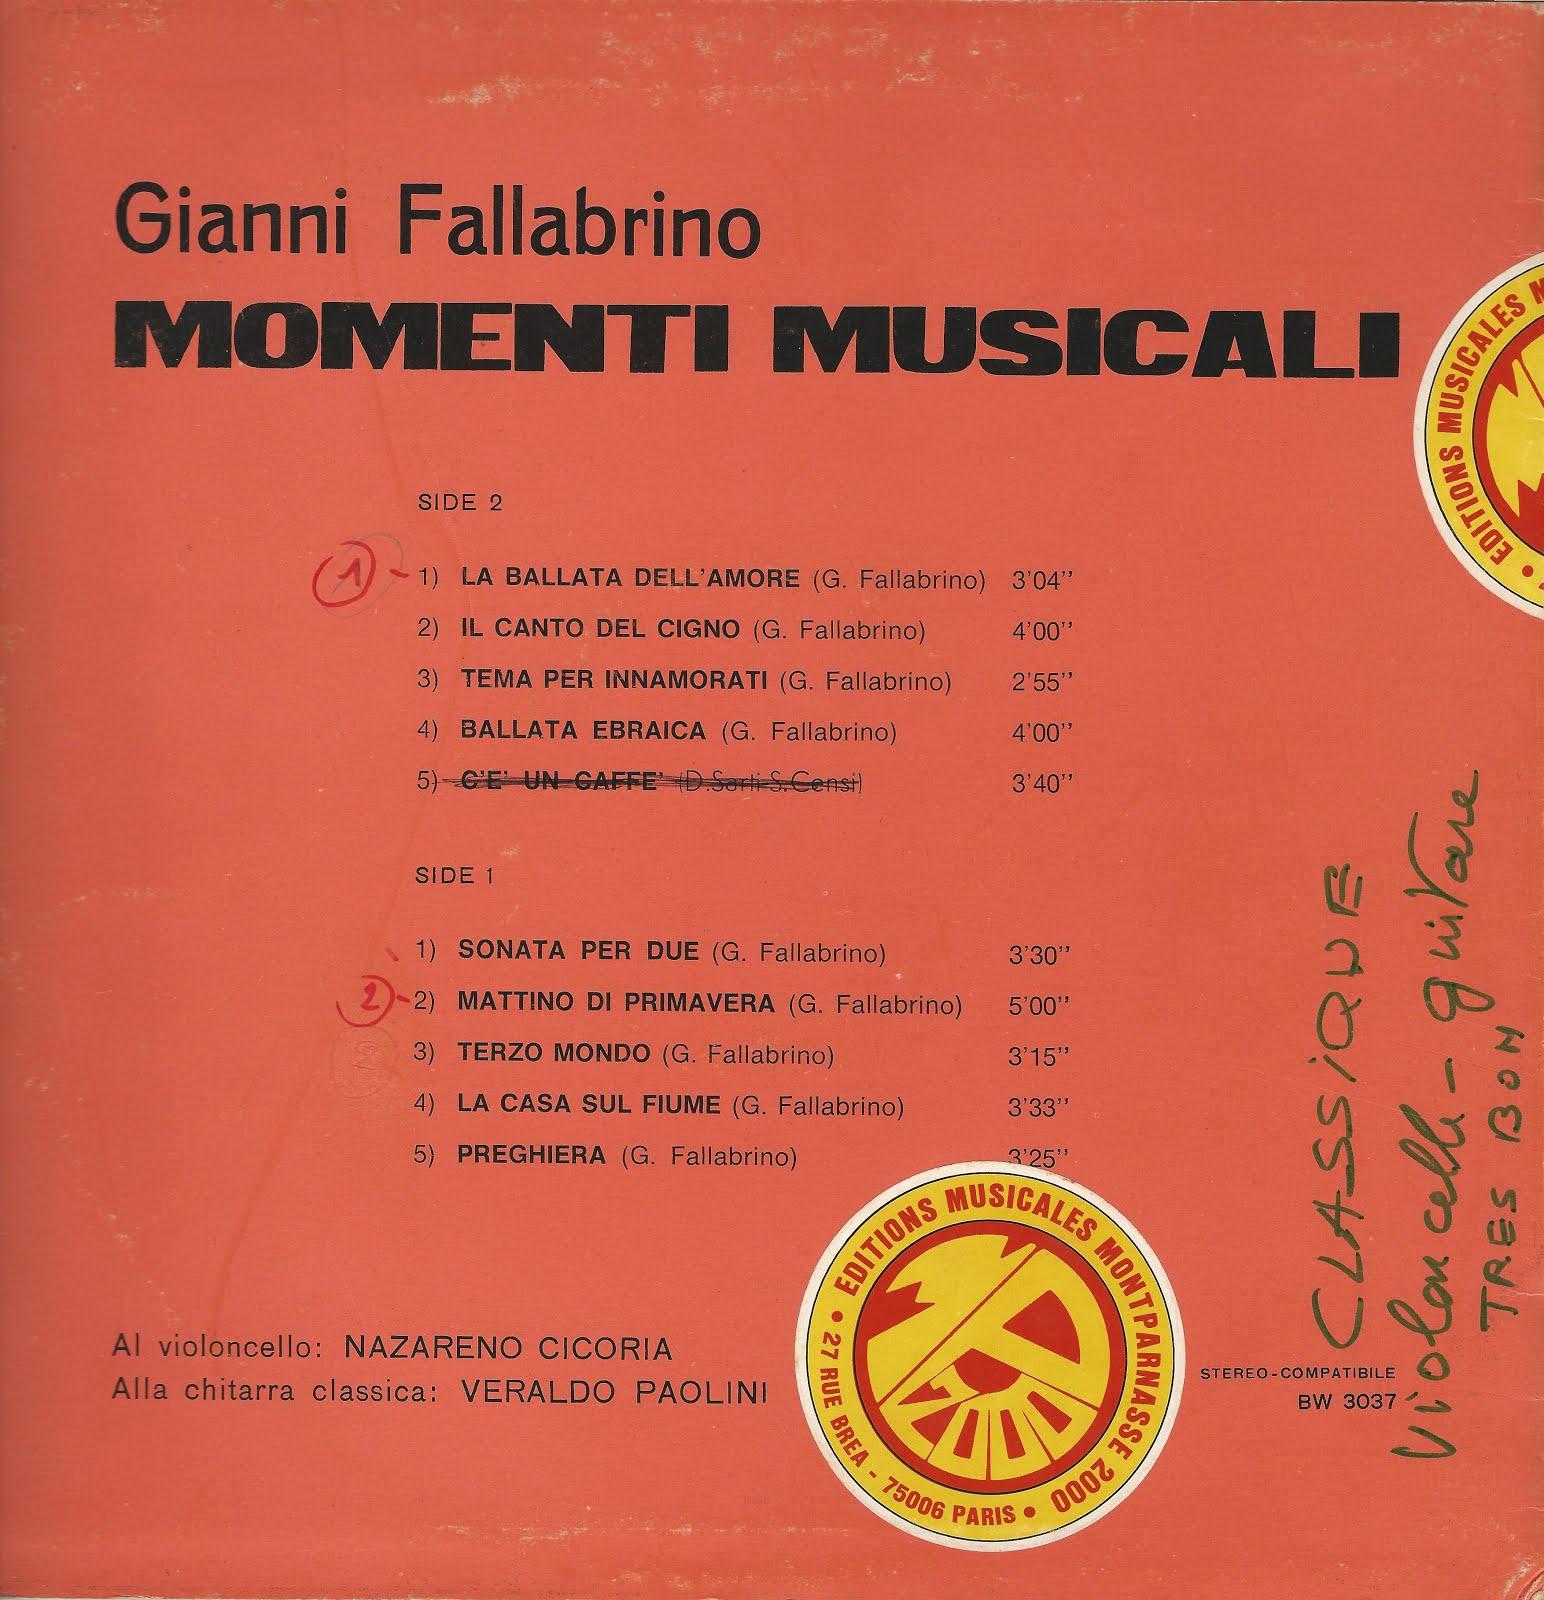 Gianni Fallabrino - Musica Da Vedere (Musiche Per Sottofondi Musicali)